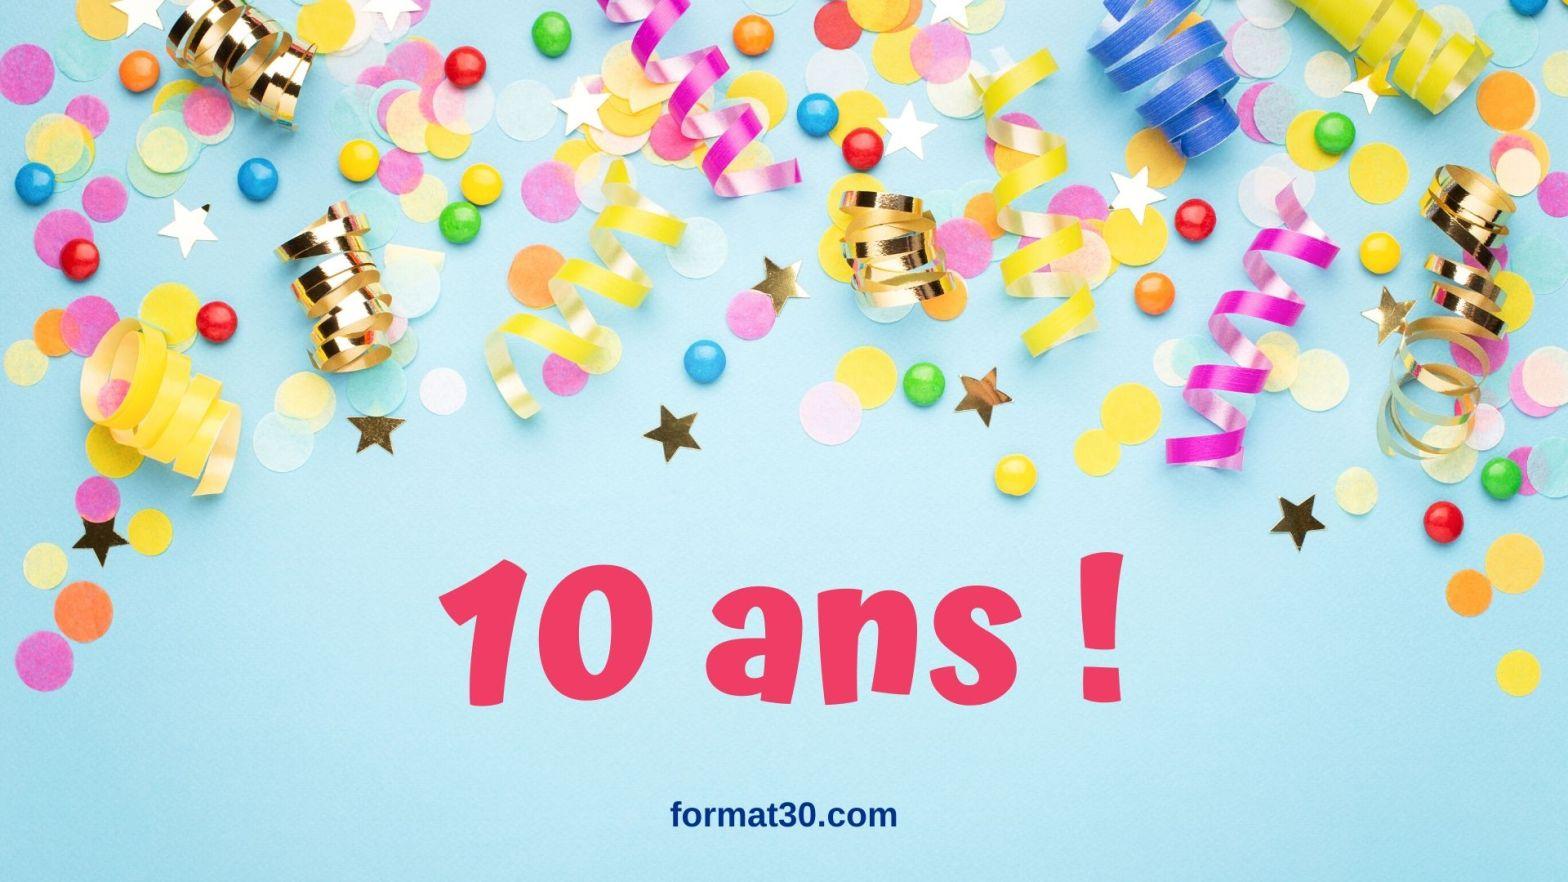 Le blog formation 3.0 fête dix ans d'existence sur le Web